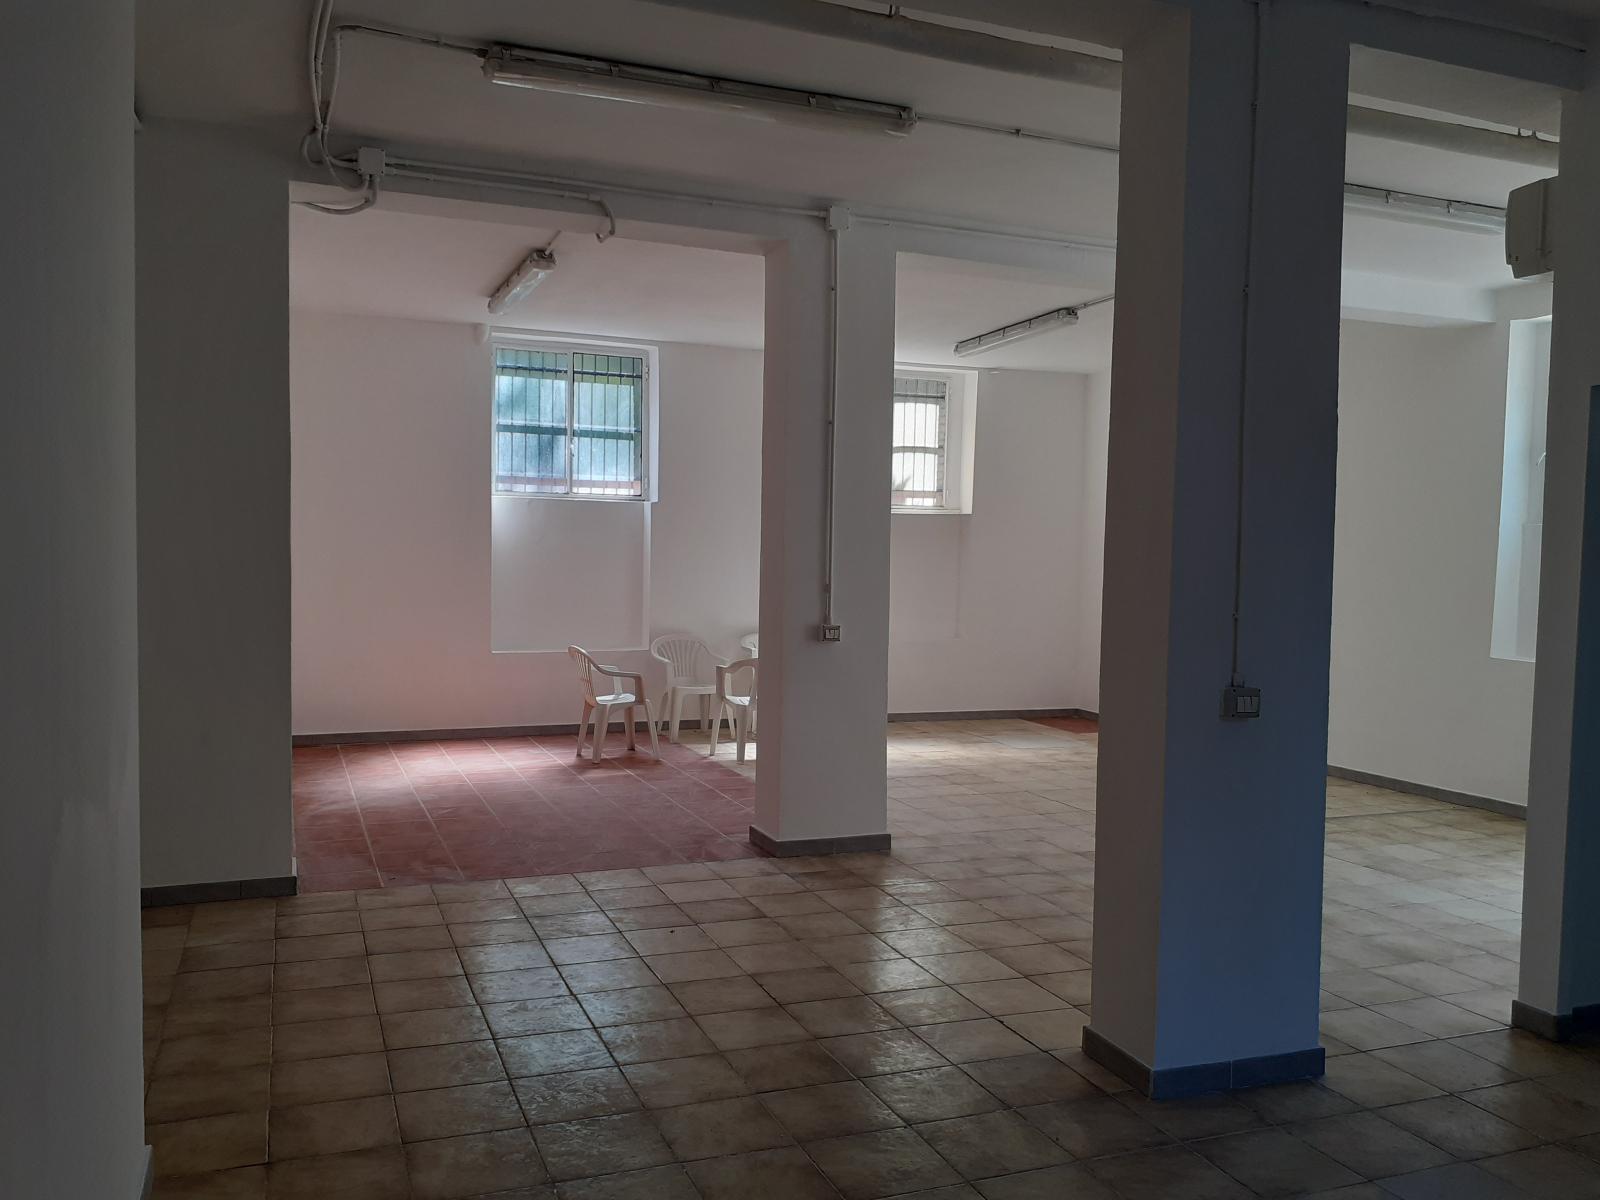 laboratorio-magazzino-in-vendita-affitto-a-baggio-milano-spaziourbano-immobiliare-vende-affitta-2